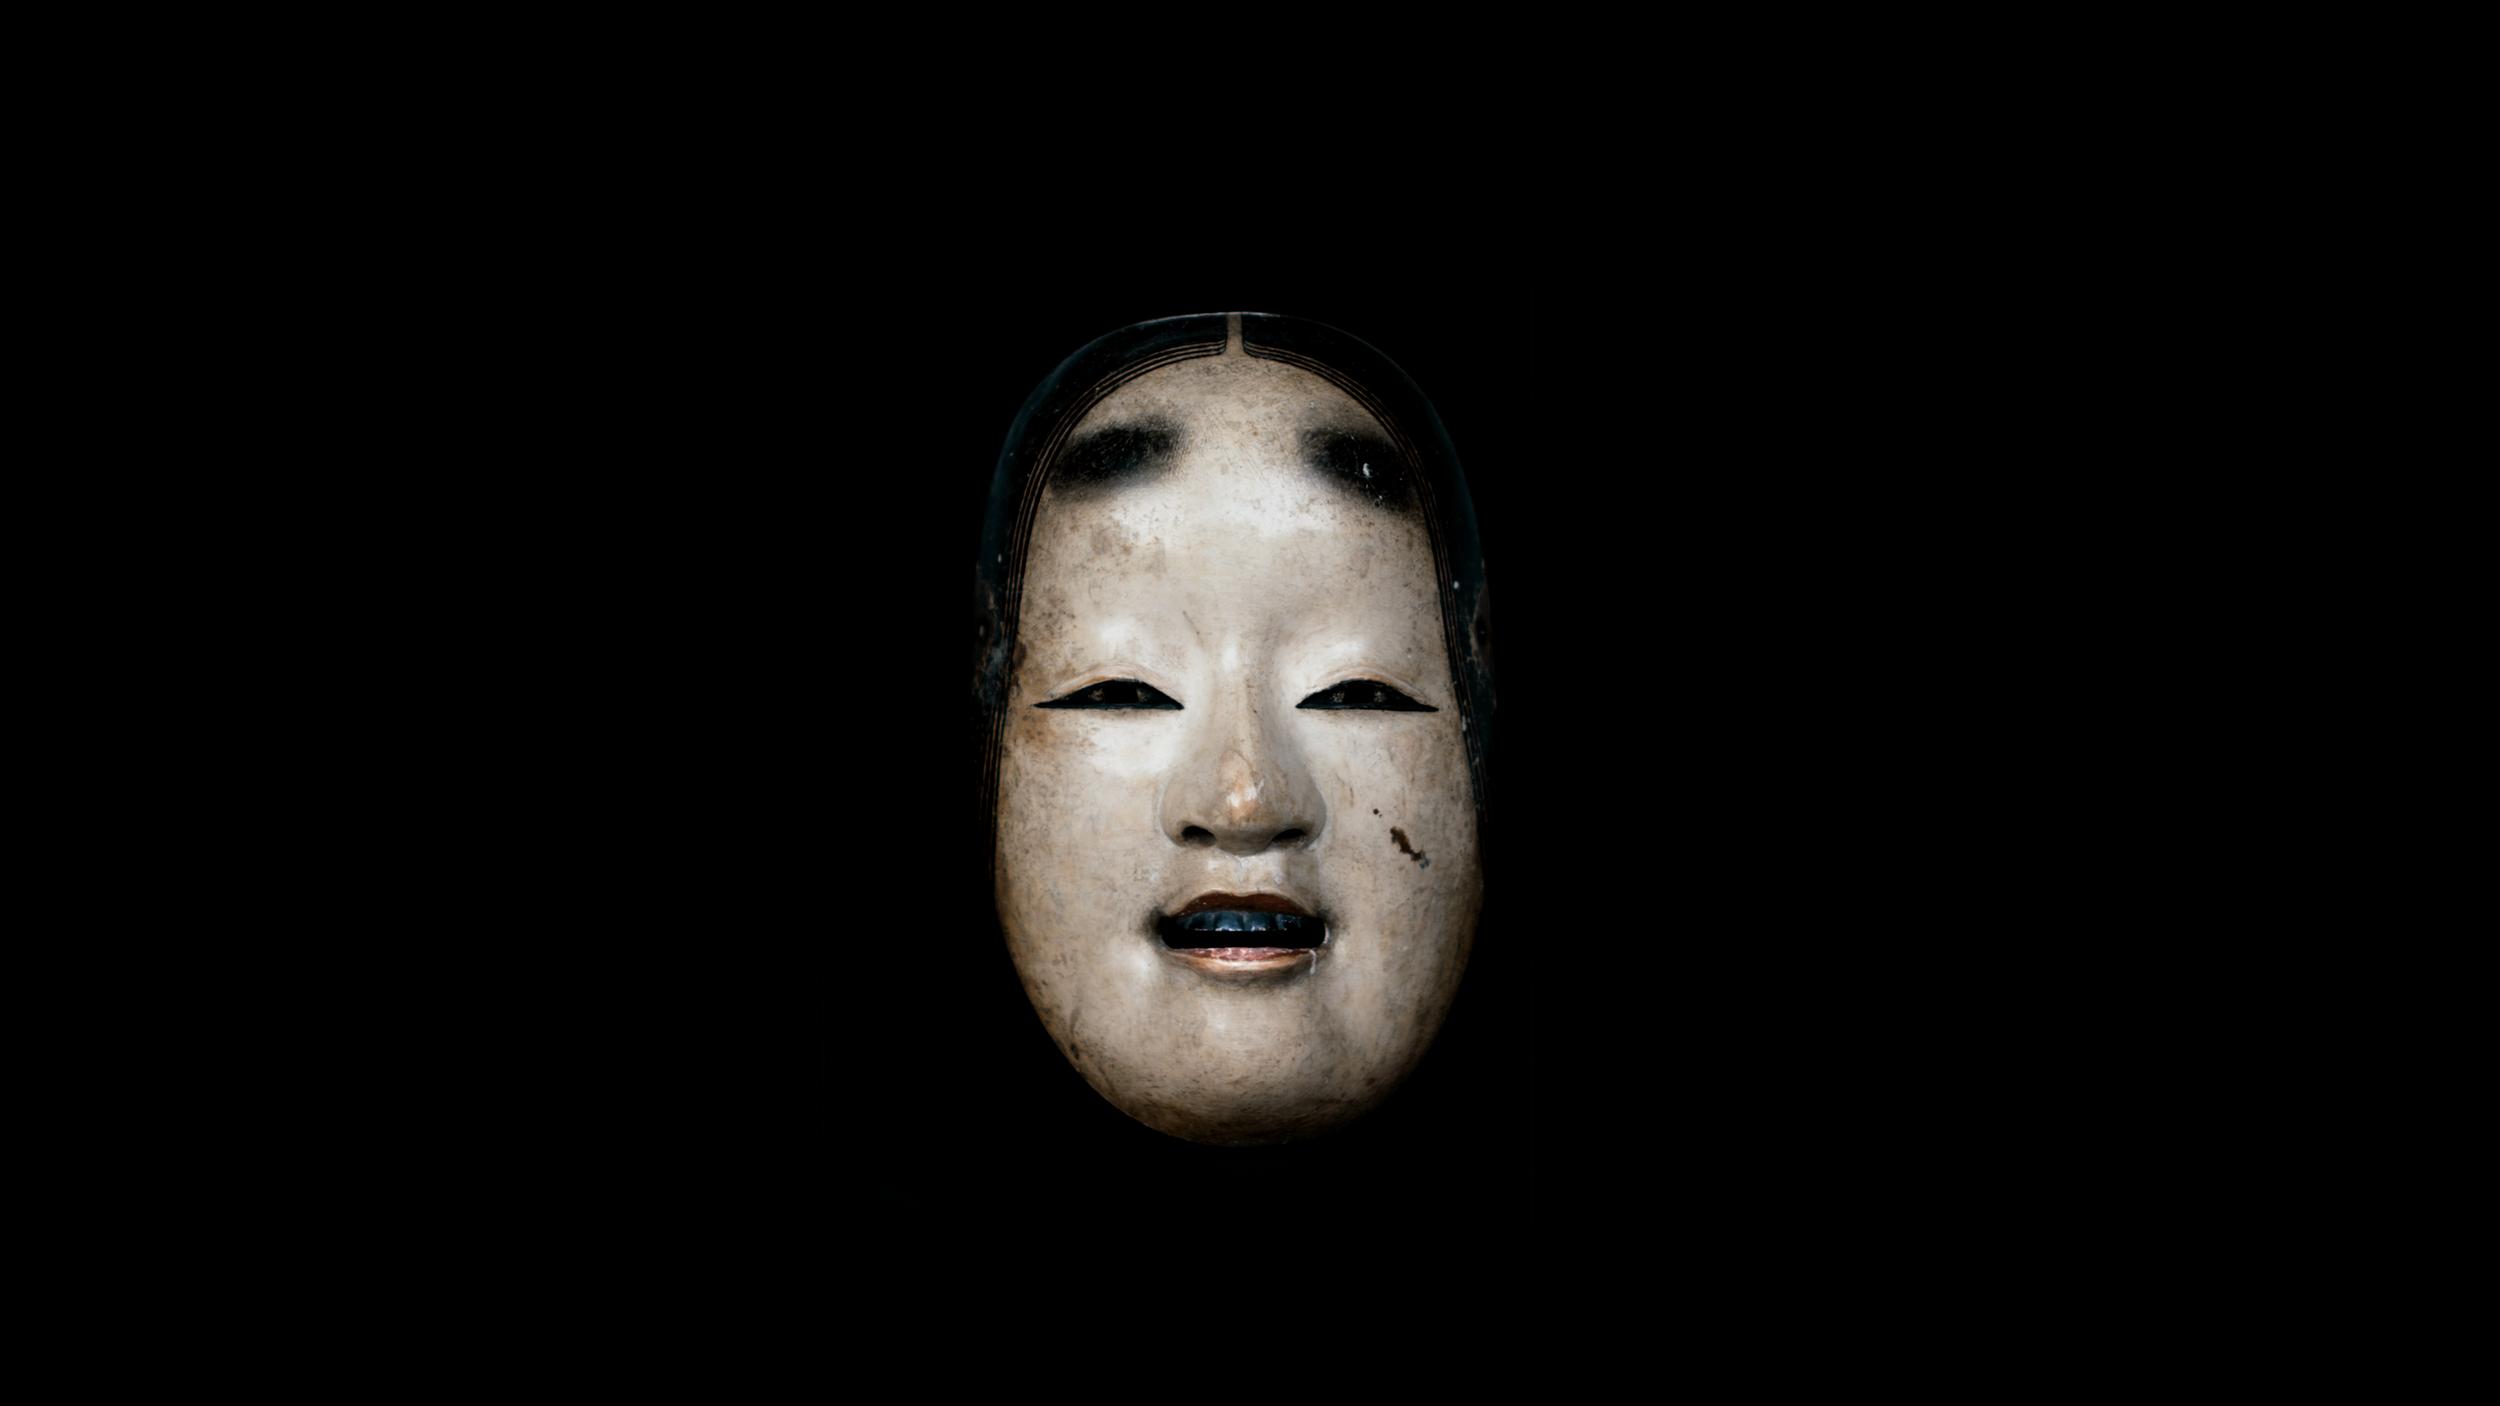 能面 小面 ゆふかつら 伝越智作  Noh Mask, Ko'omote (Yūkazura)  Attributed to Echi